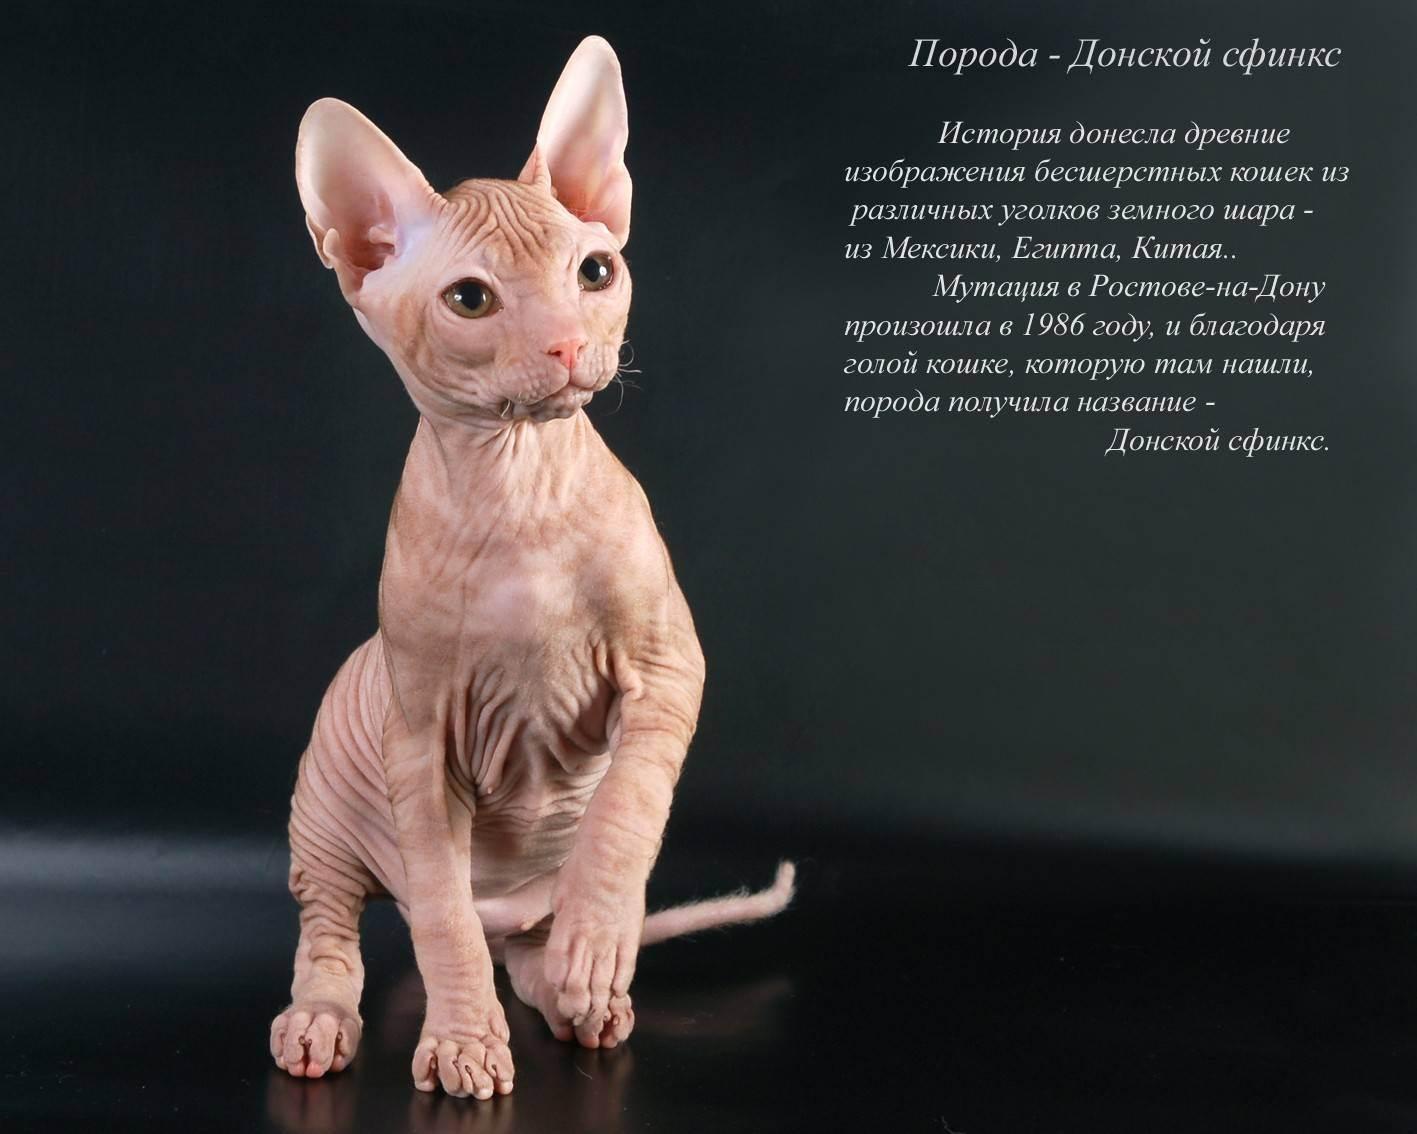 Эльф: порода кошек из группы сфинксов, описание котов, фото лысых котят с ушами разных окрасов